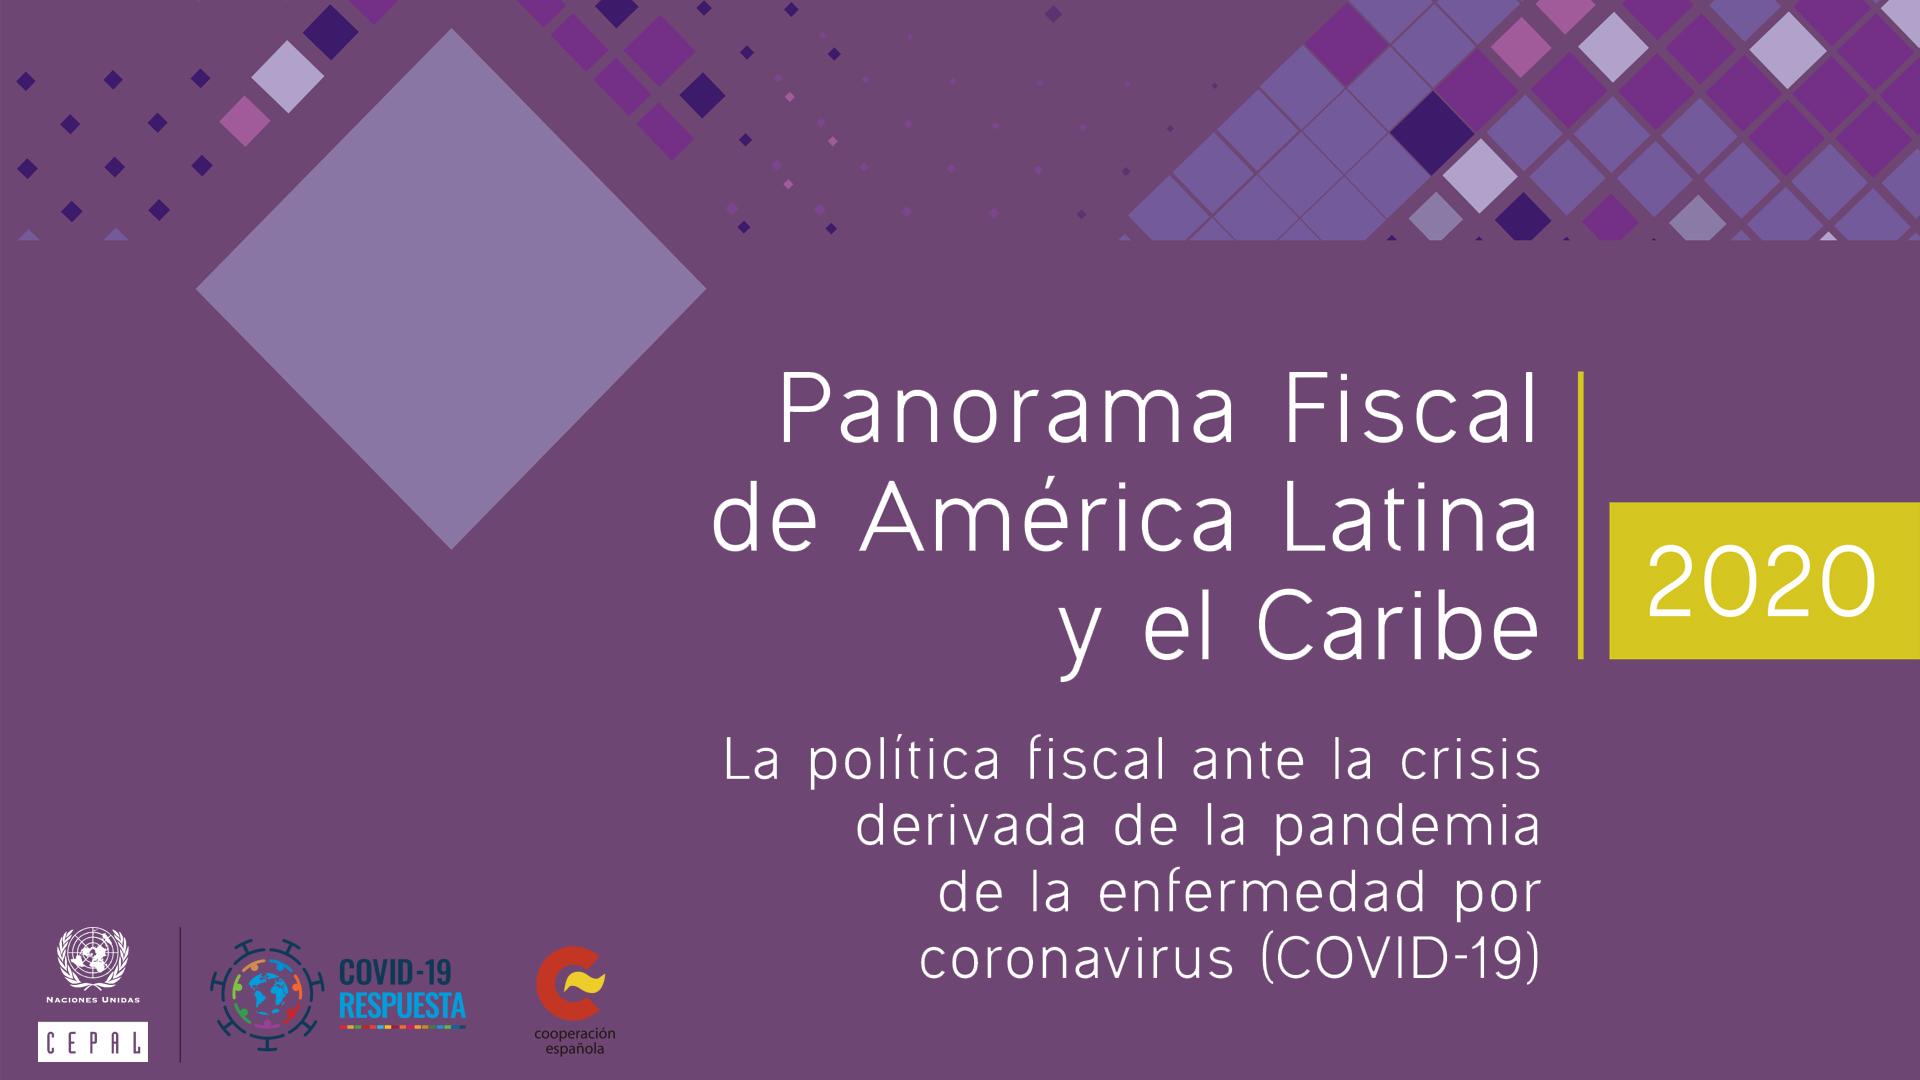 Banner Panorama Fiscal de América Latina y el Caribe 2020